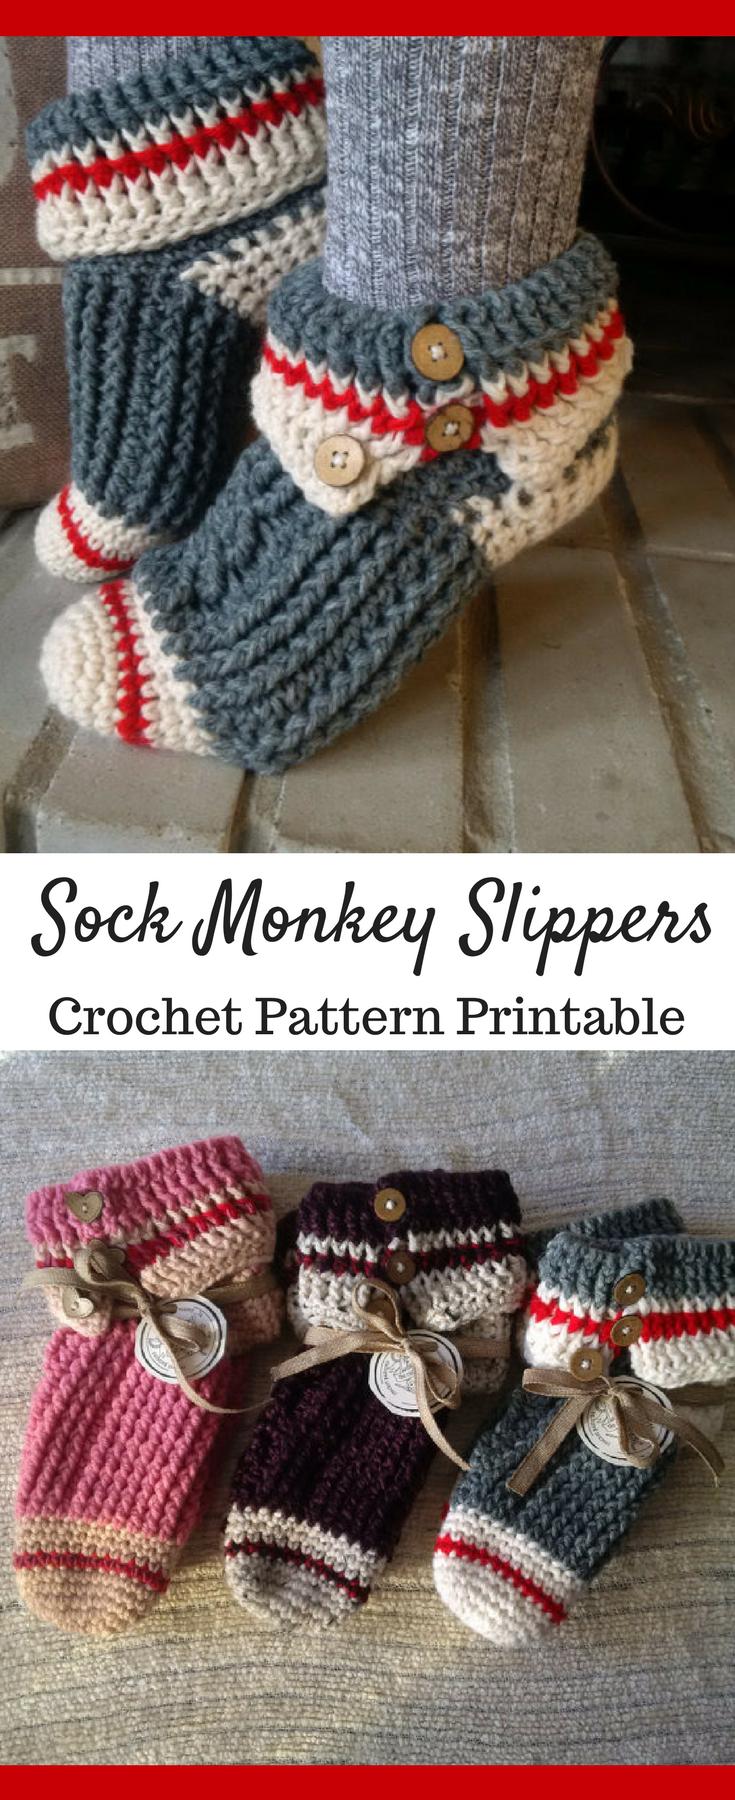 06df61d6908 Sock Monkey Slippers Crochet Pattern Printable PDF  ad  socks  sockmonkey   slippers  crochet  crocheting  crochetpattern  pattern  patternsforcrochet  ...